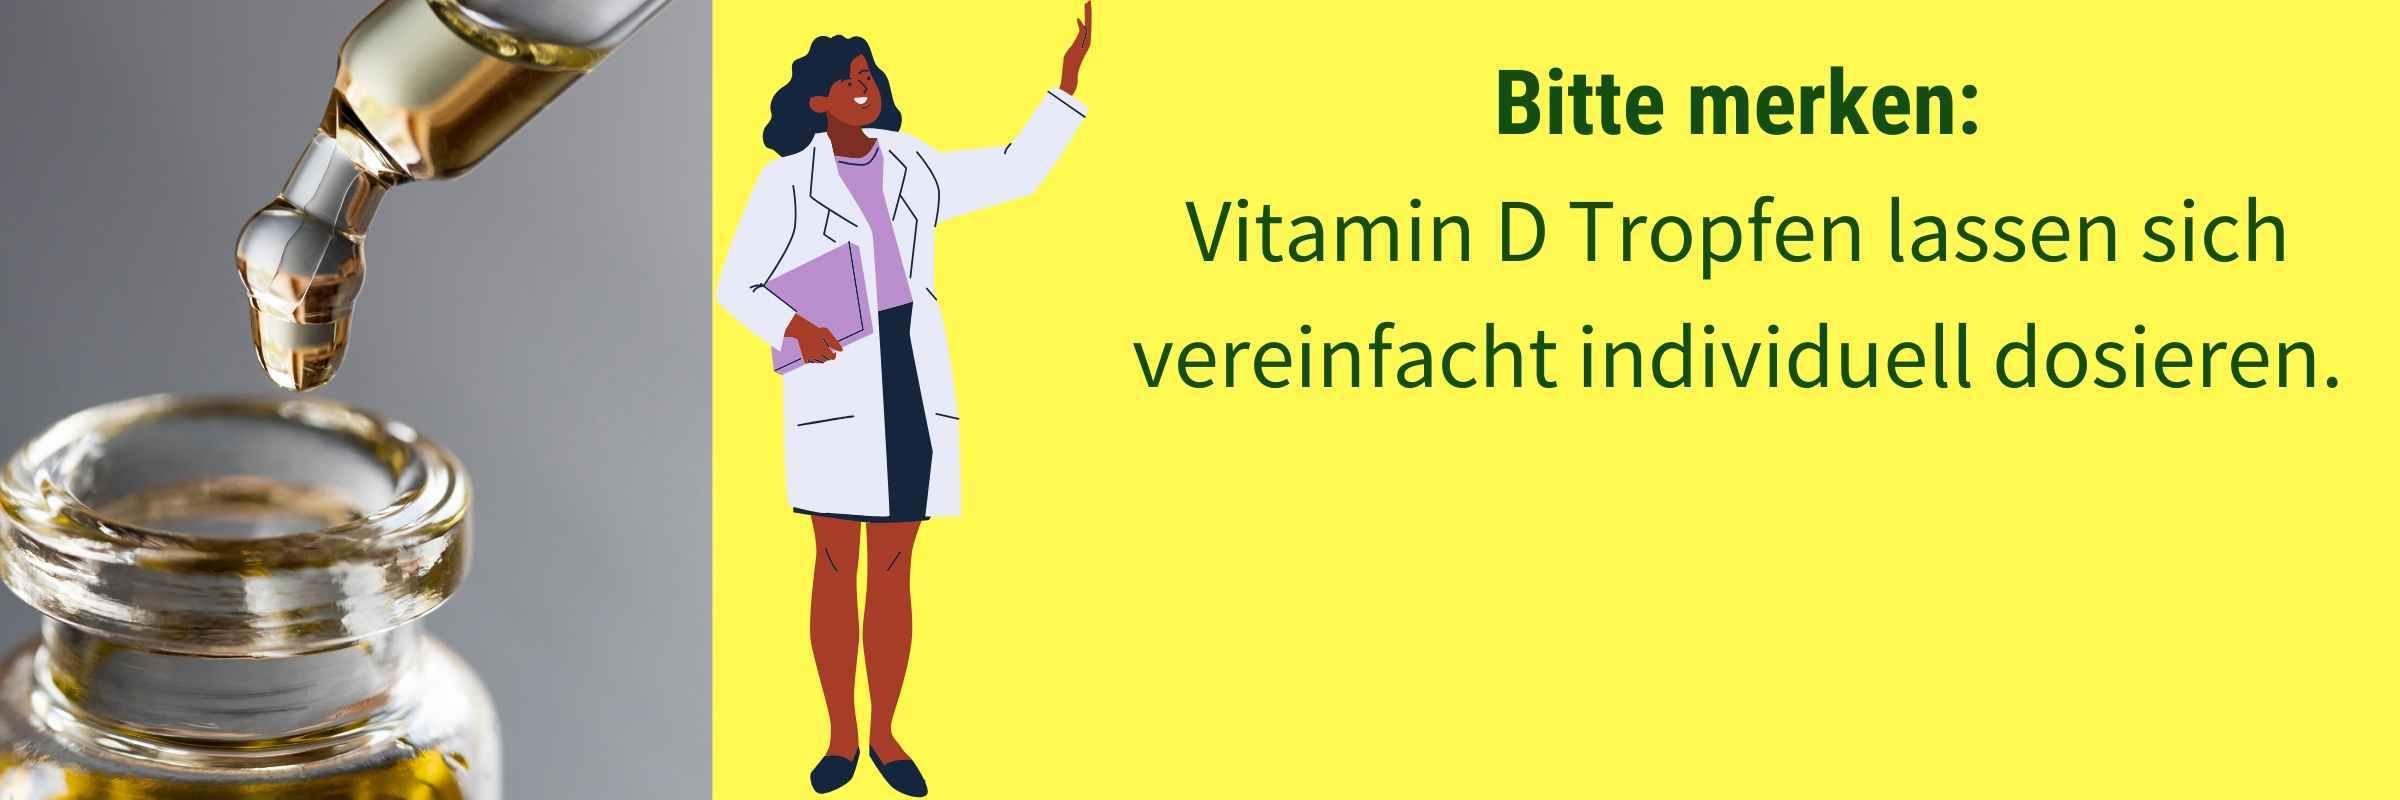 Vorteile Vitamin D Tropfen